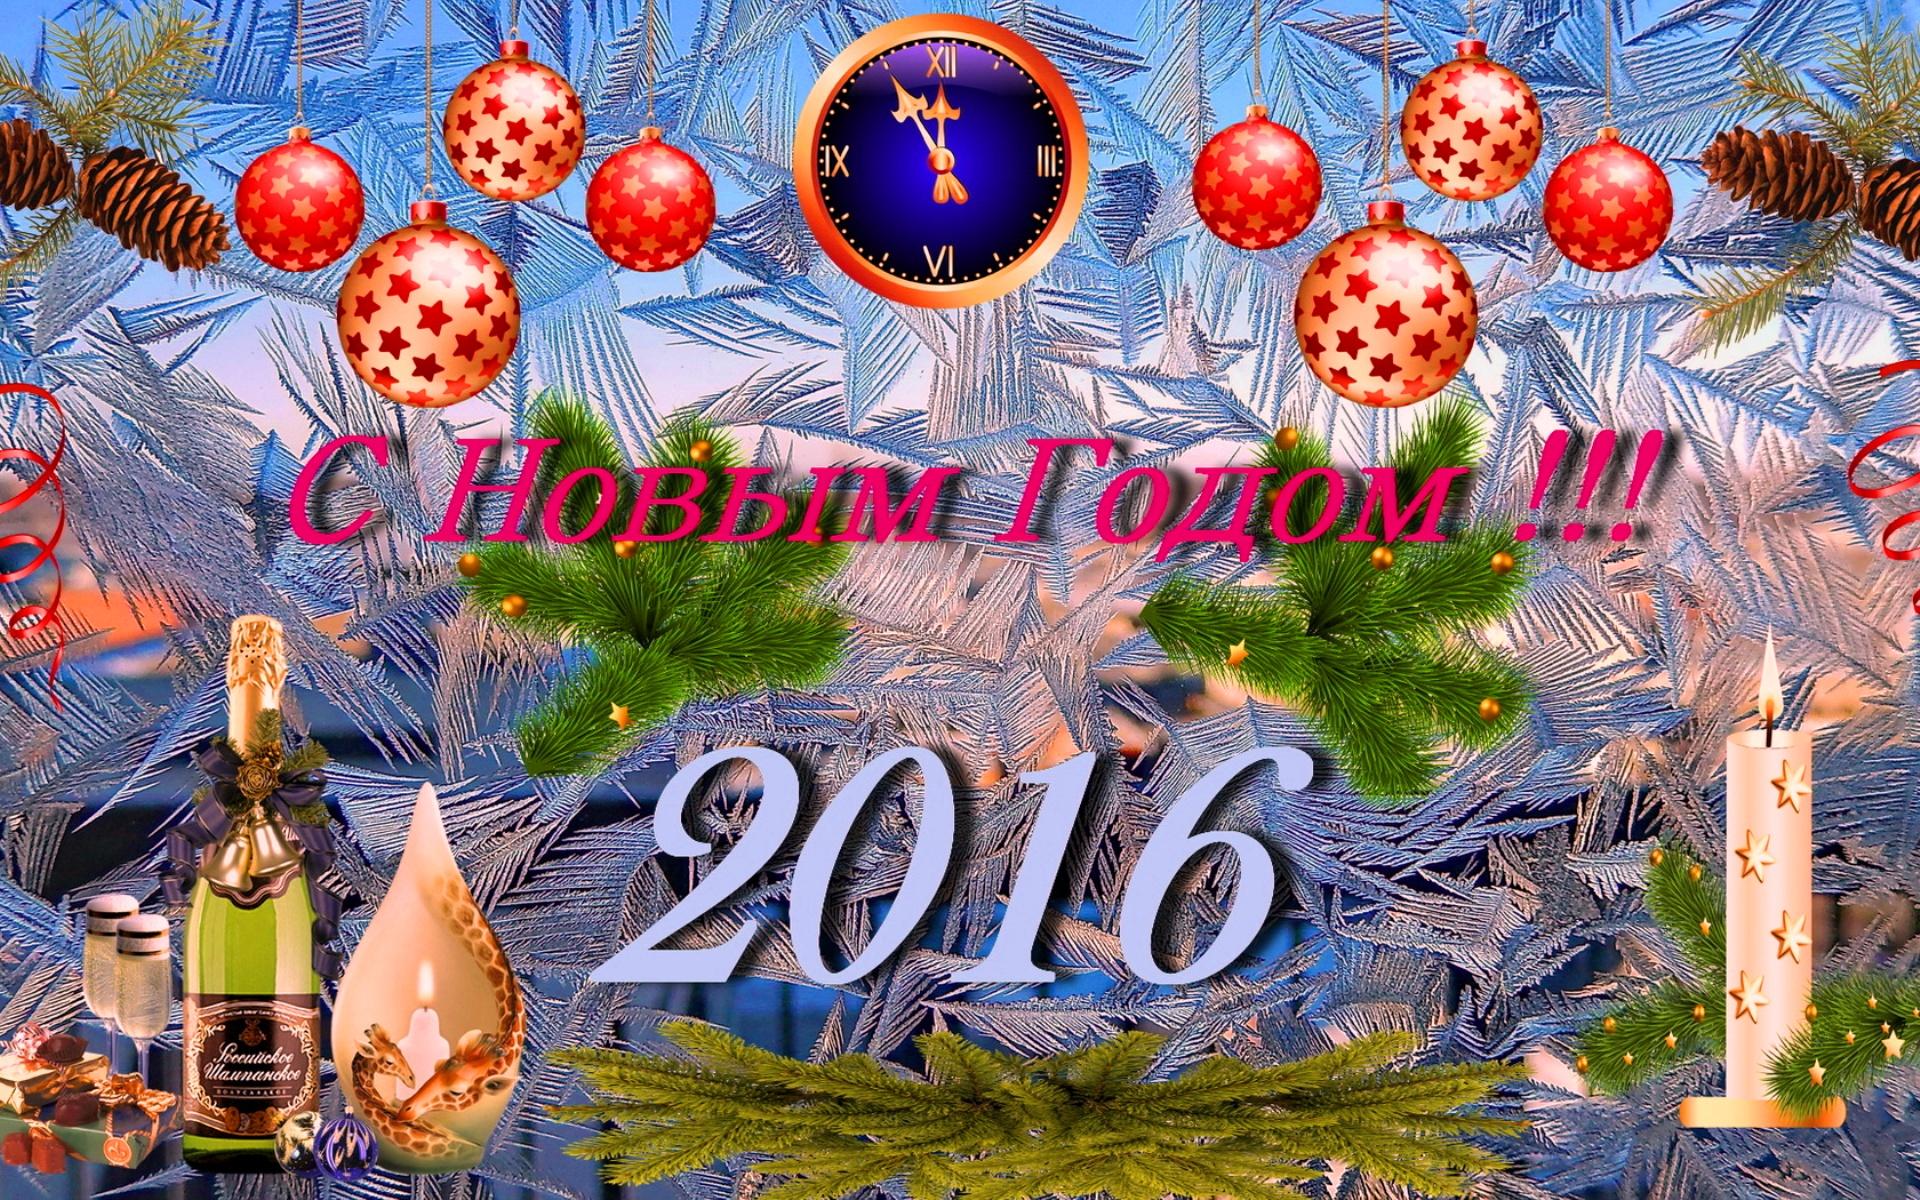 С новым годом 2016 - C наступающим новым годом 2017 поздравительные картинки